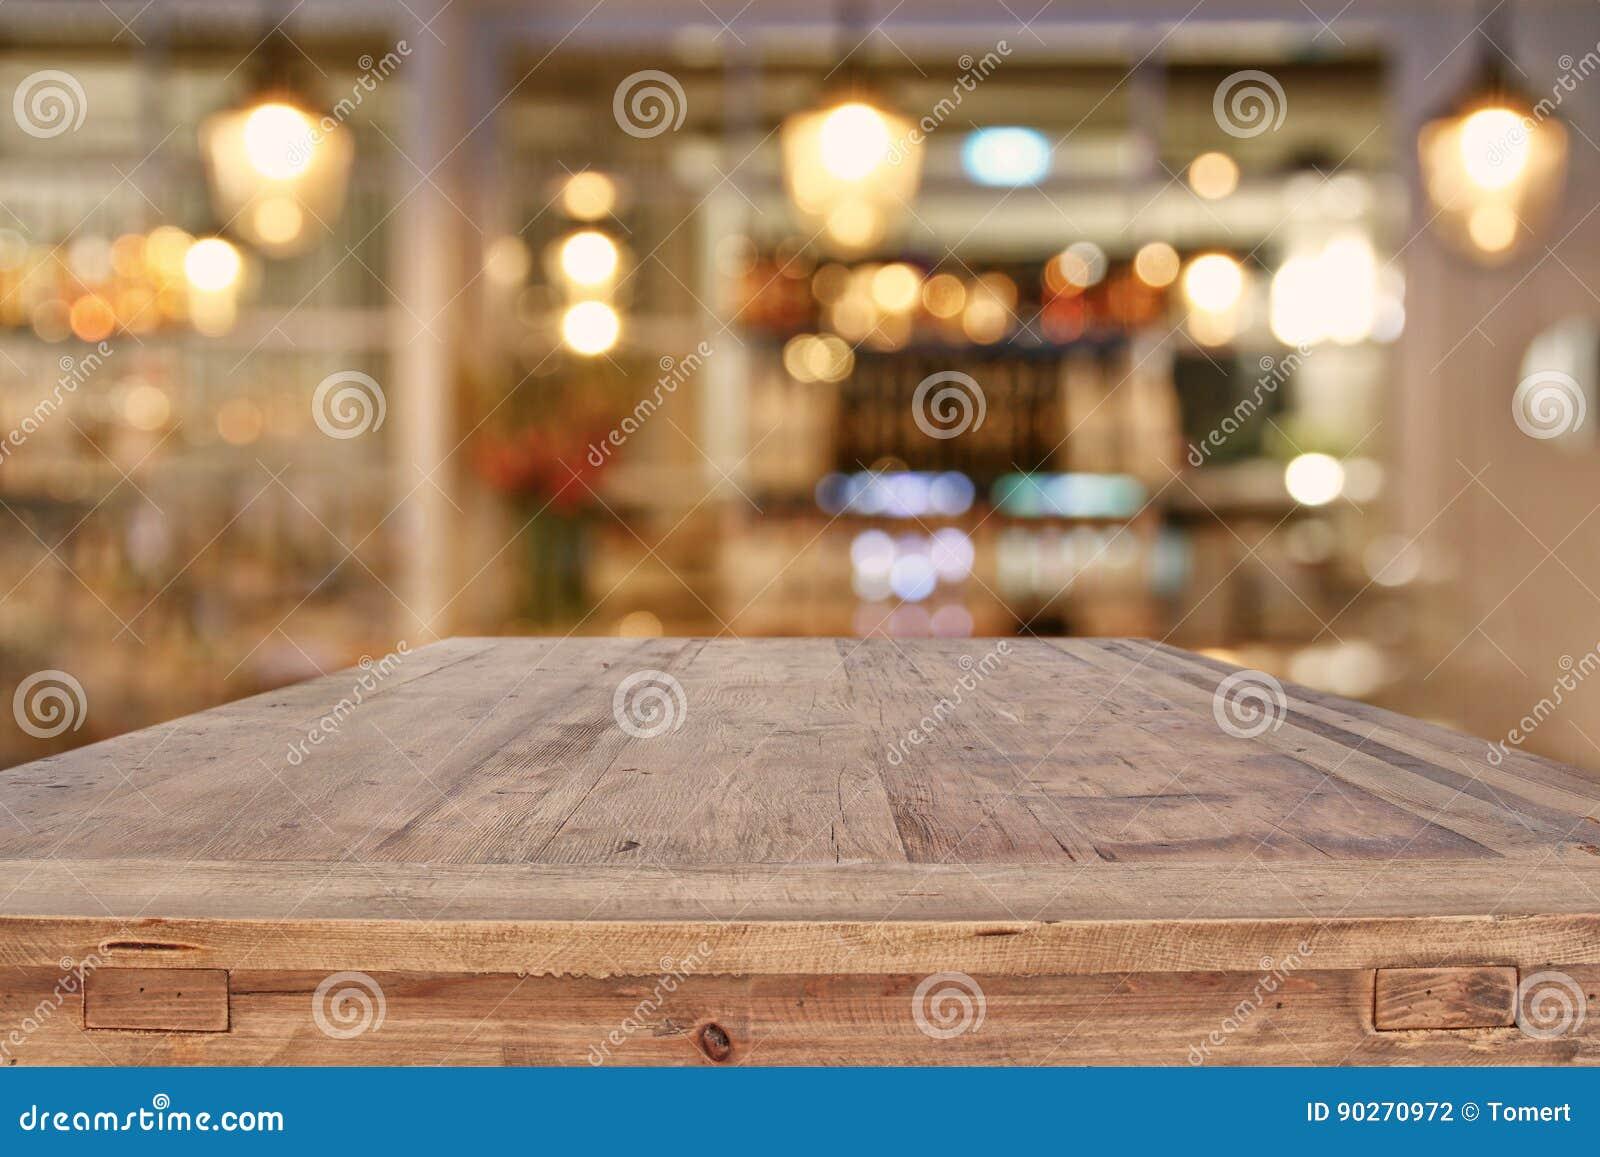 在抽象餐馆前面的木桌点燃背景